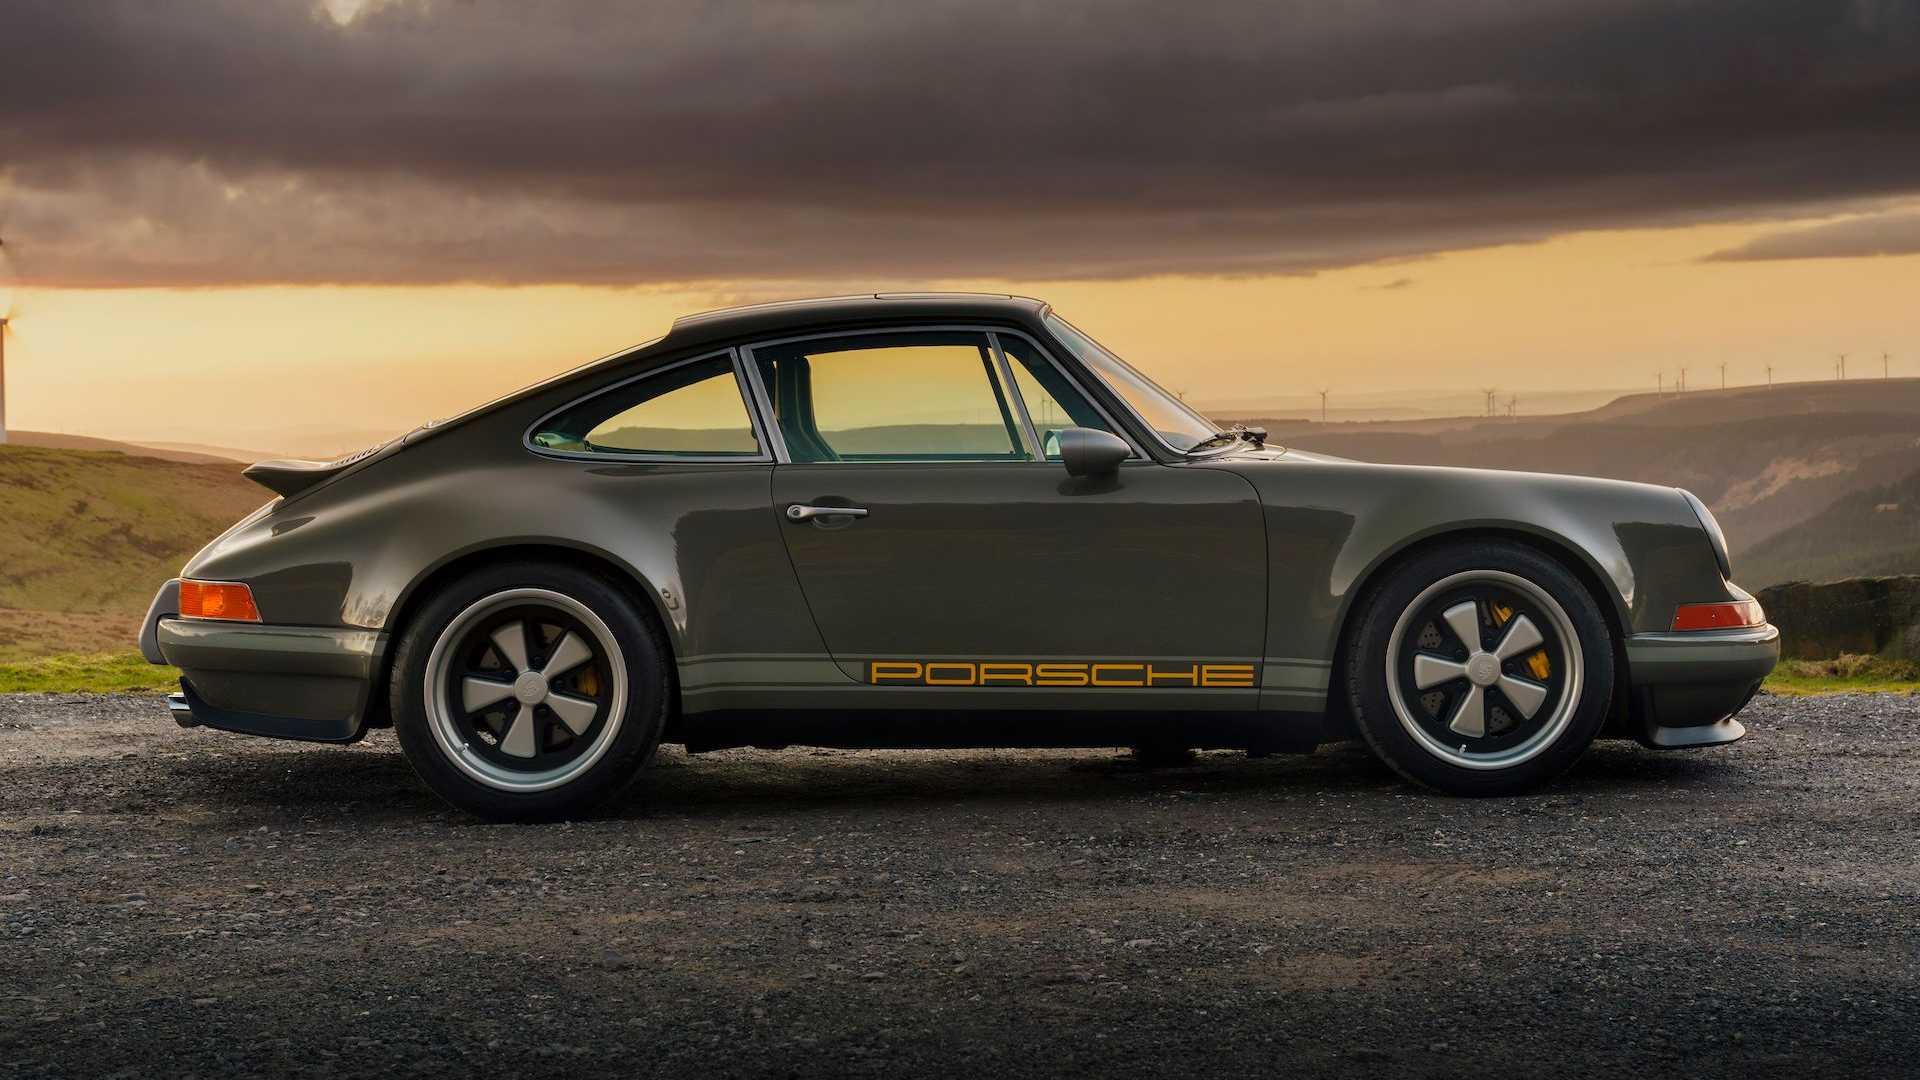 Theon-Design-HK002-Porsche-911-16